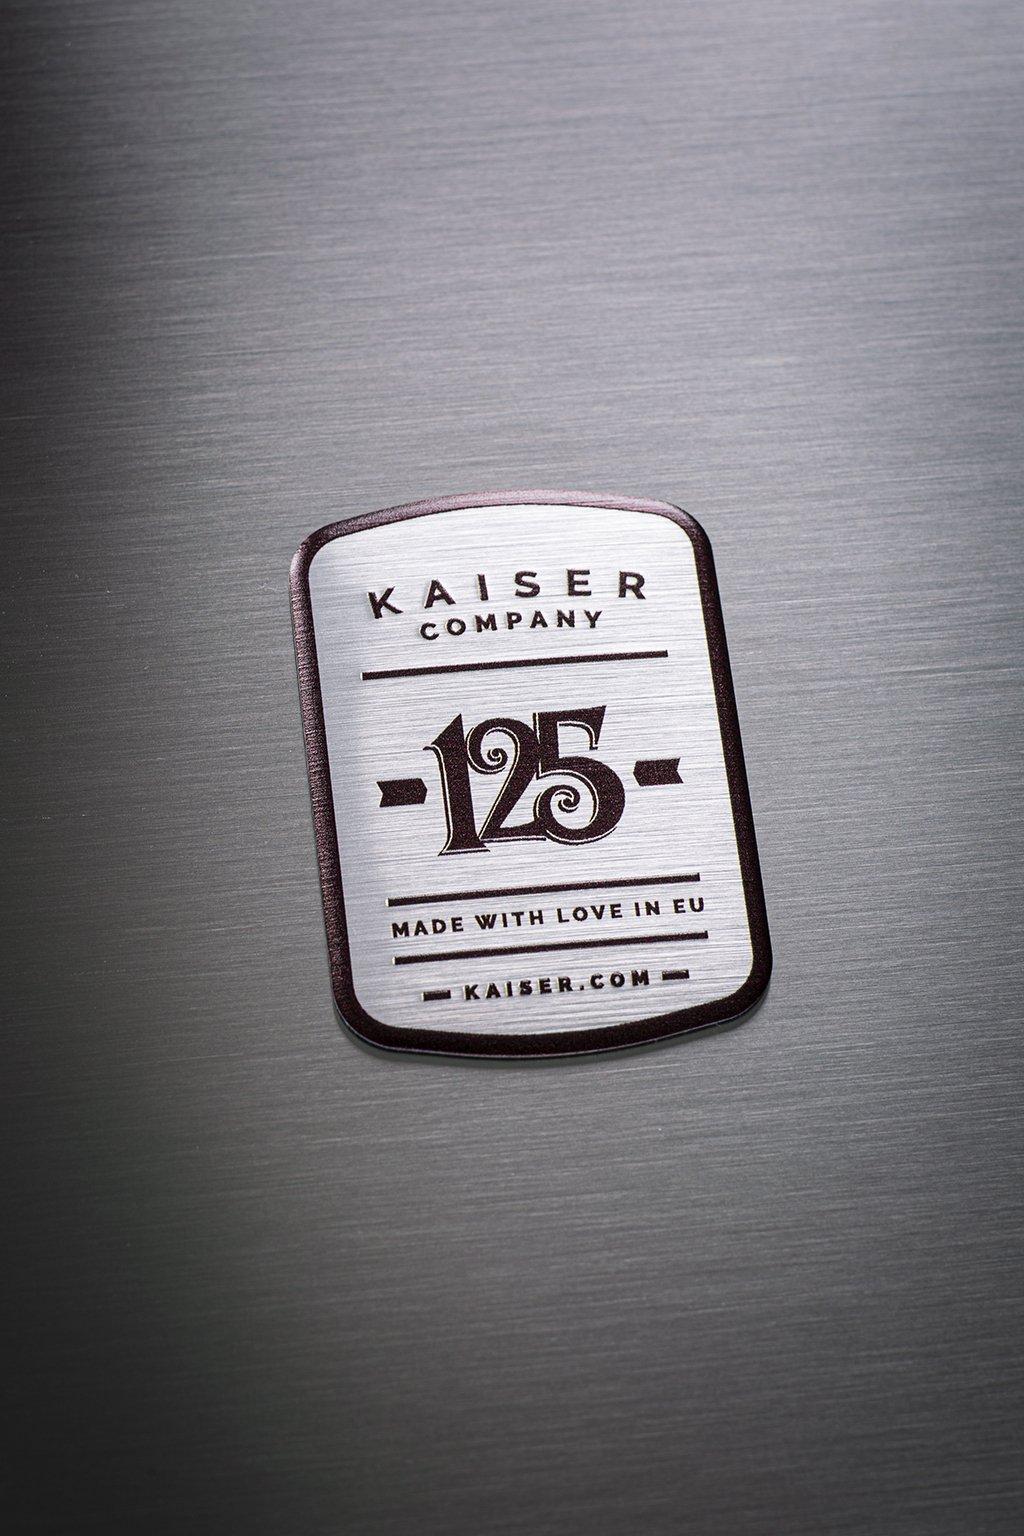 kaiser-stodvadsatpatka-izolovana-udiaren